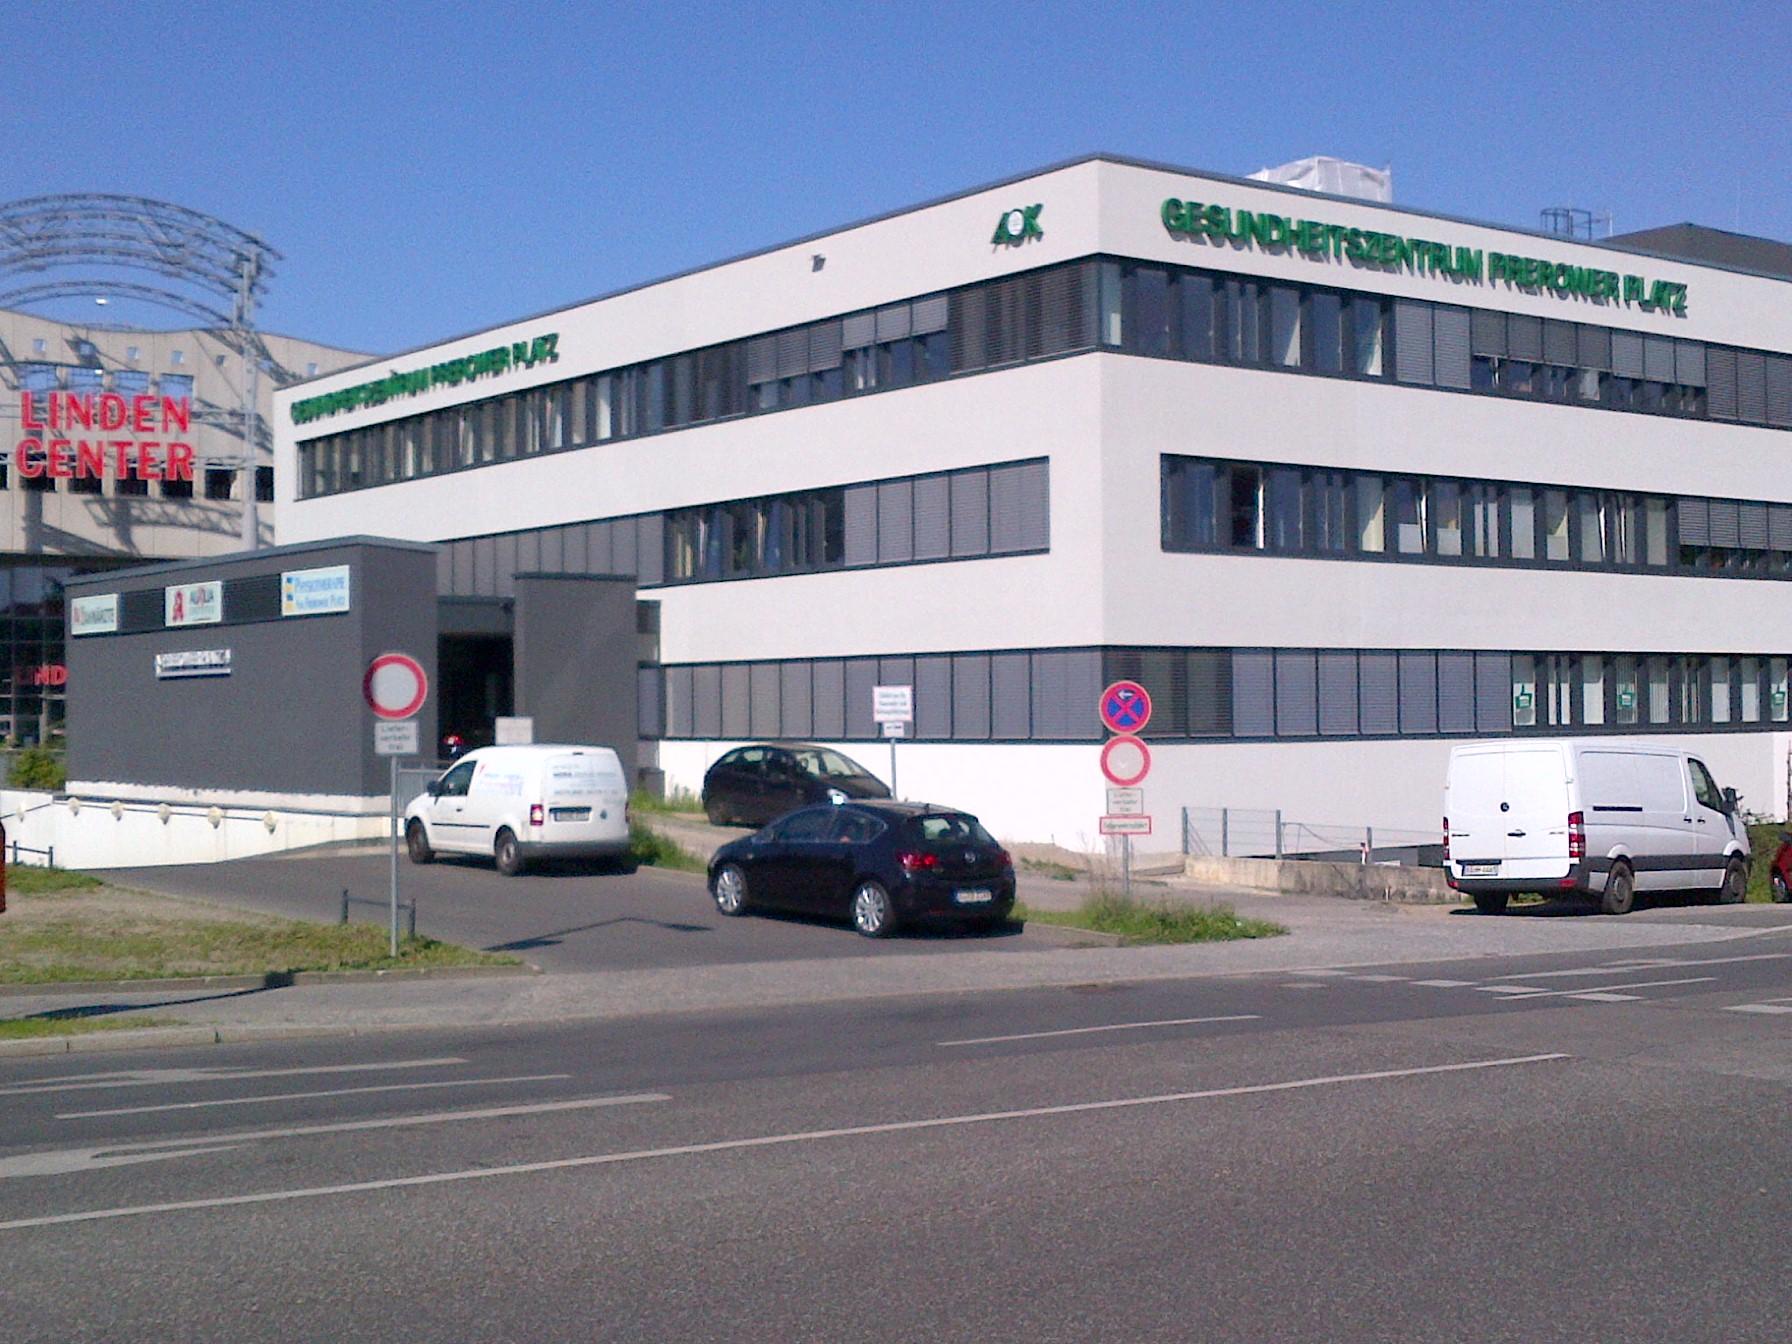 Referenzen archive graef brandmeldeanlage berlin for Pflanzencenter berlin